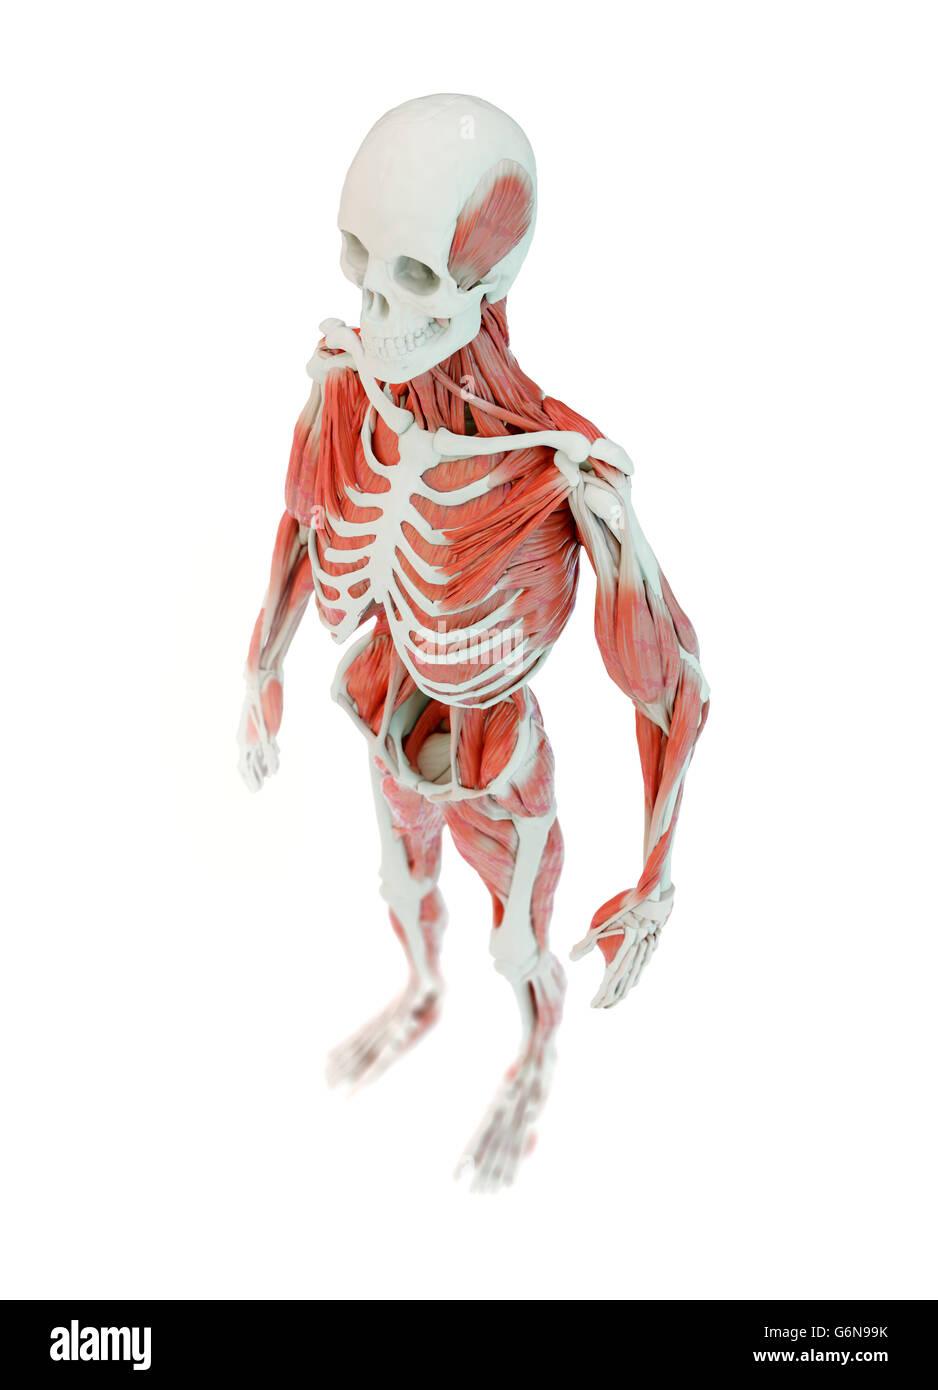 L'anatomie humaine musculaire en profondeur détaillée illustration Photo Stock